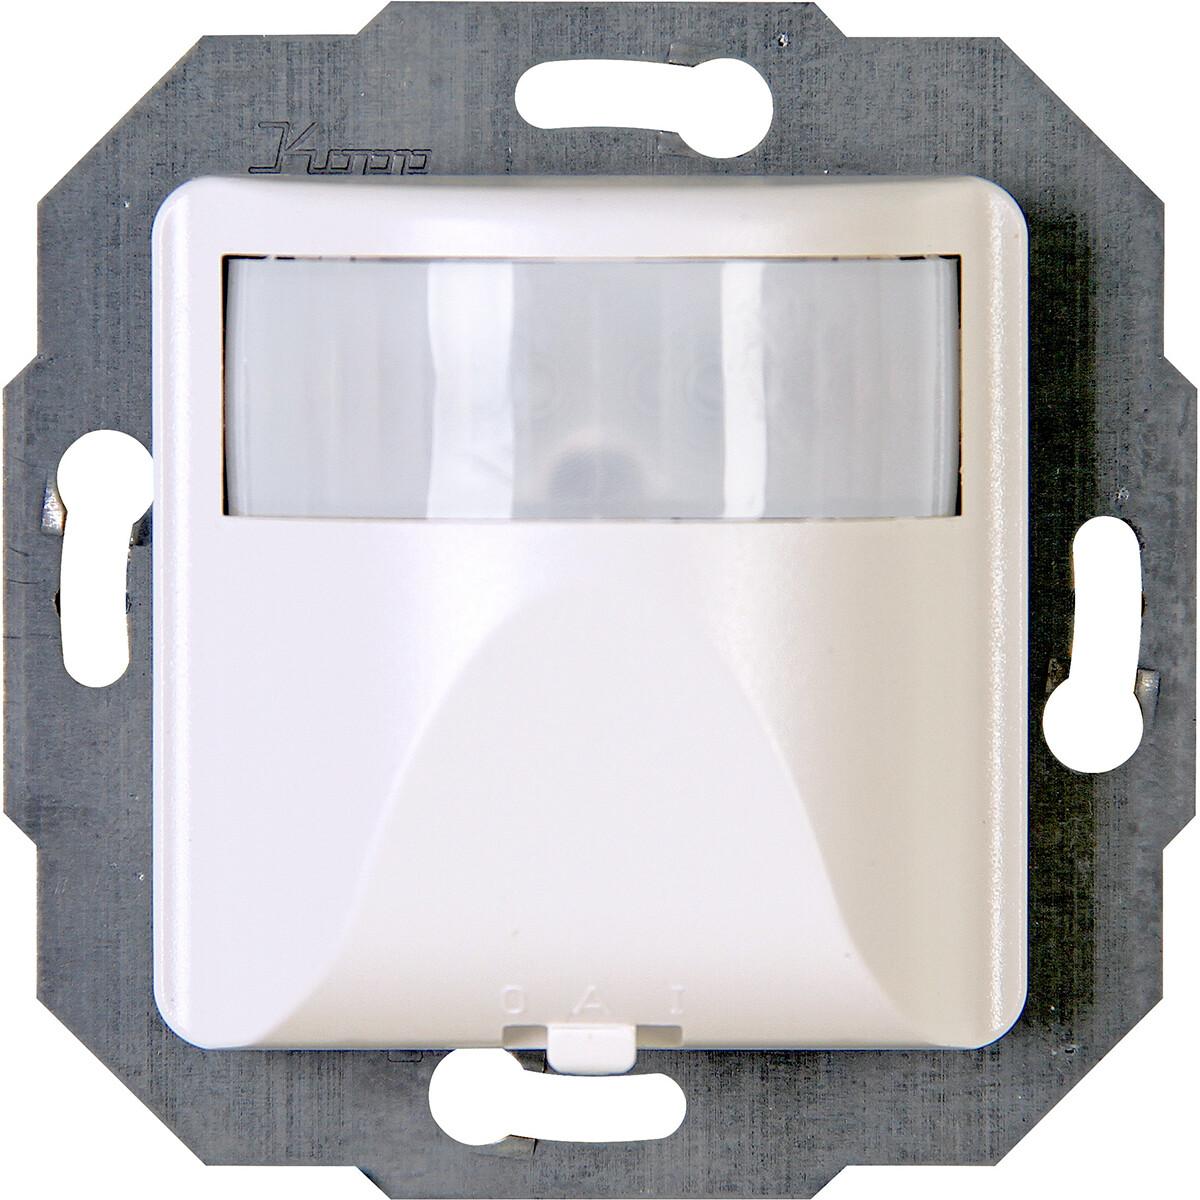 KOPP - Infrarood Bewegingssensor - Athenis INFRAcontrol - Inbouw - 180° - 3-draads - 7-100W - Helder